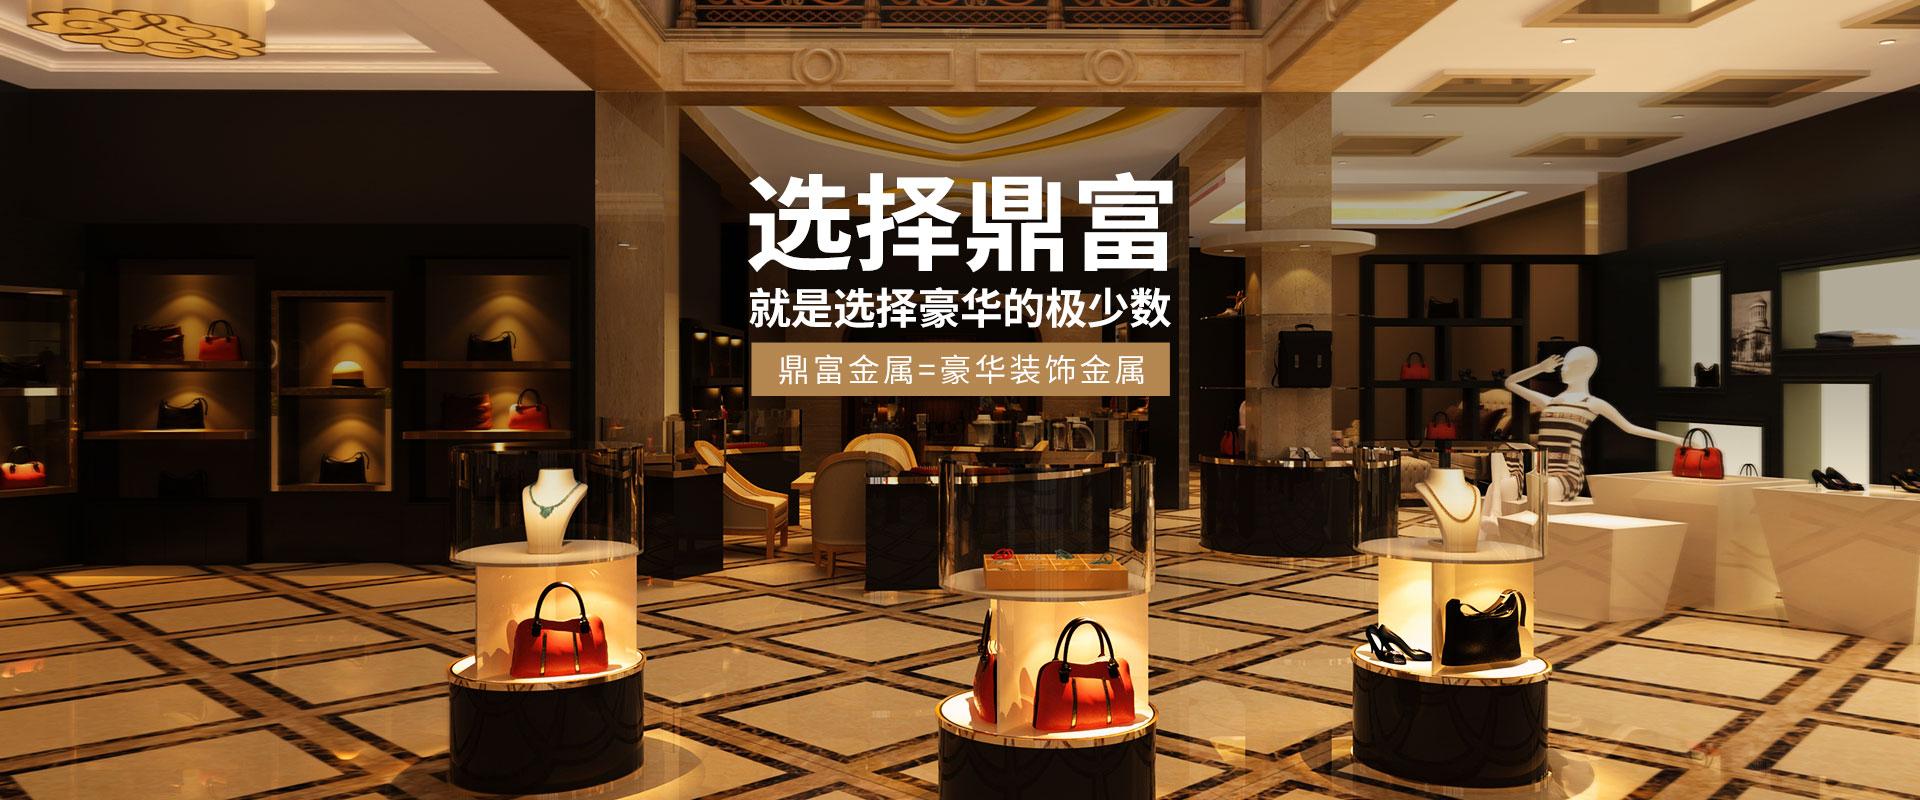 广州鼎富金属:选择鼎富,就是选择豪华的少数,鼎富金属=豪华装饰金属